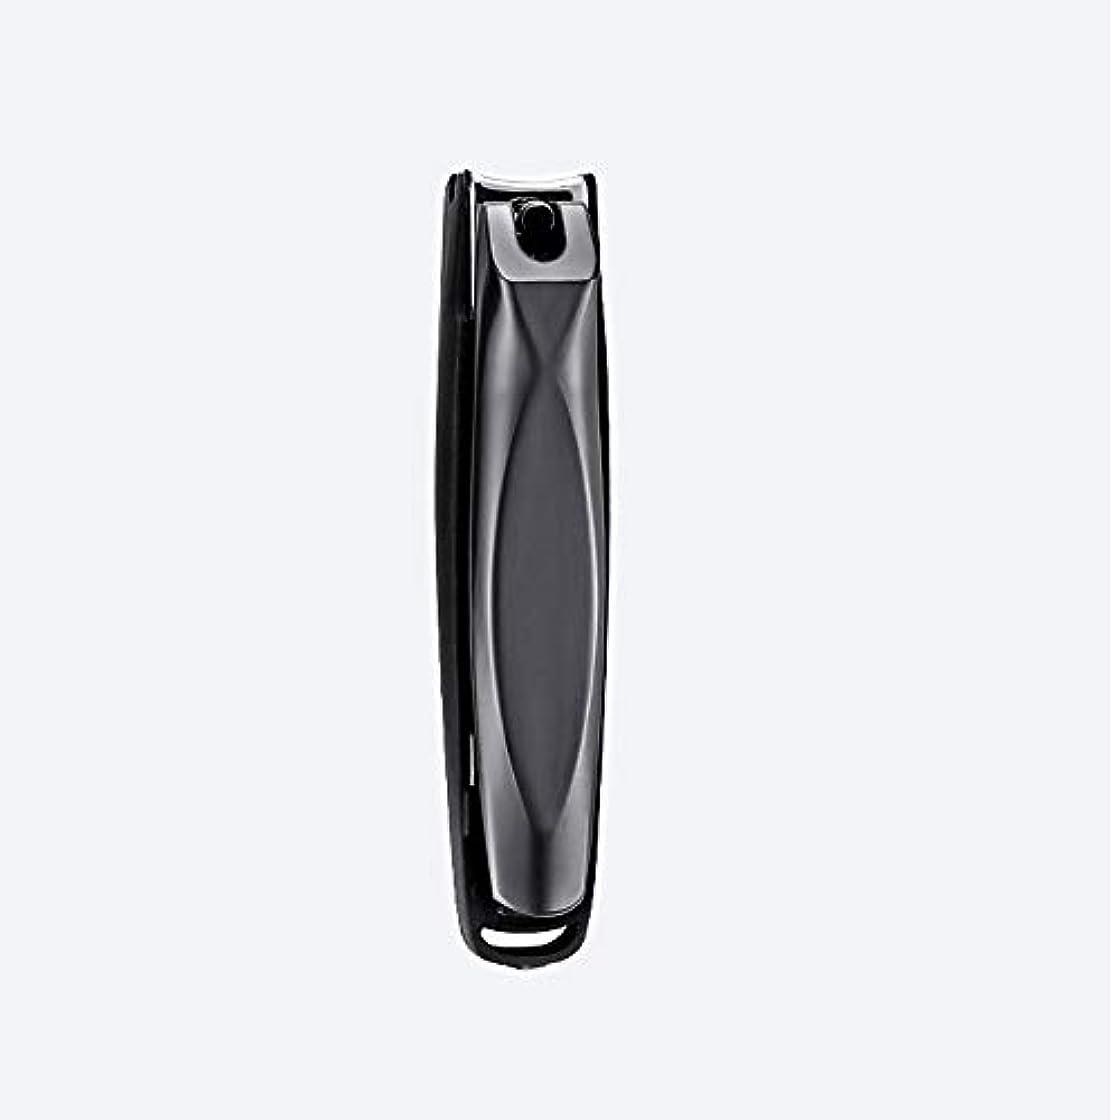 感染するまでアブストラクトネイルクリッパーセット、爪&足の爪切り、大人のための耐久性のある鋭いステンレス鋼のネイルカッター Blingstars (Size : 7.5cm)